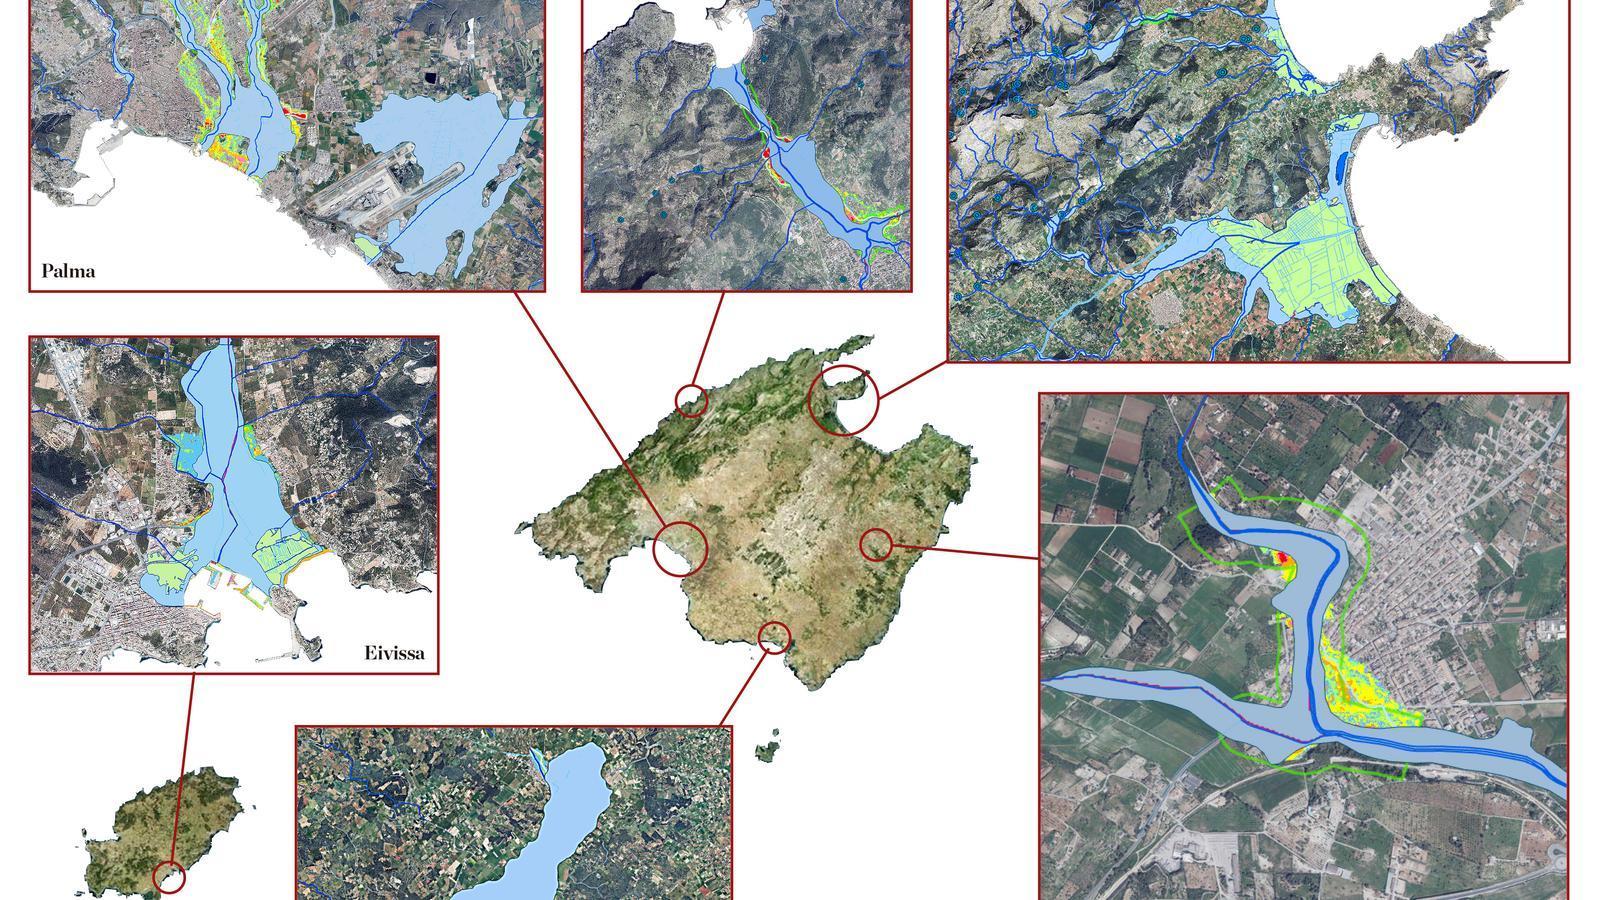 Palma, Sóller, Pollença i Campos: poblacions amb risc d'inundació